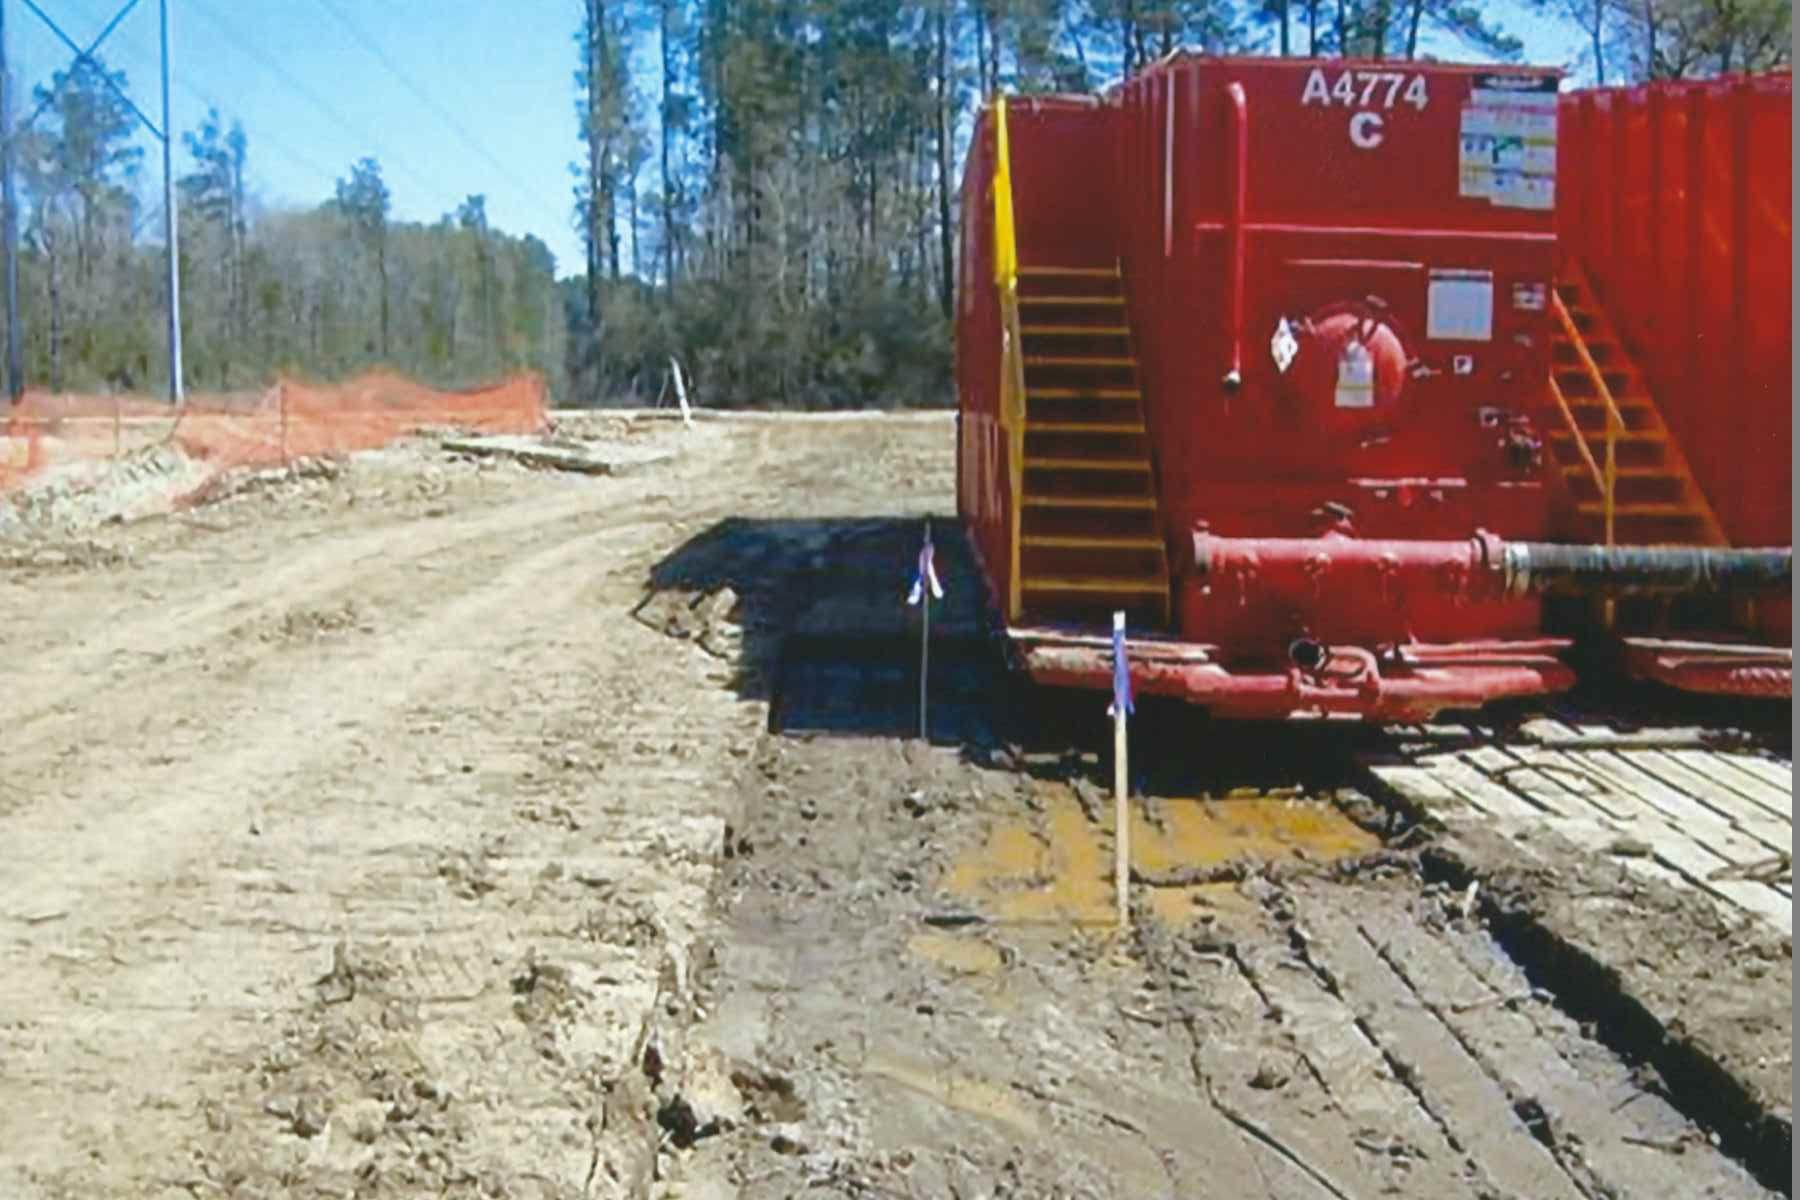 Keystone Pipeline project